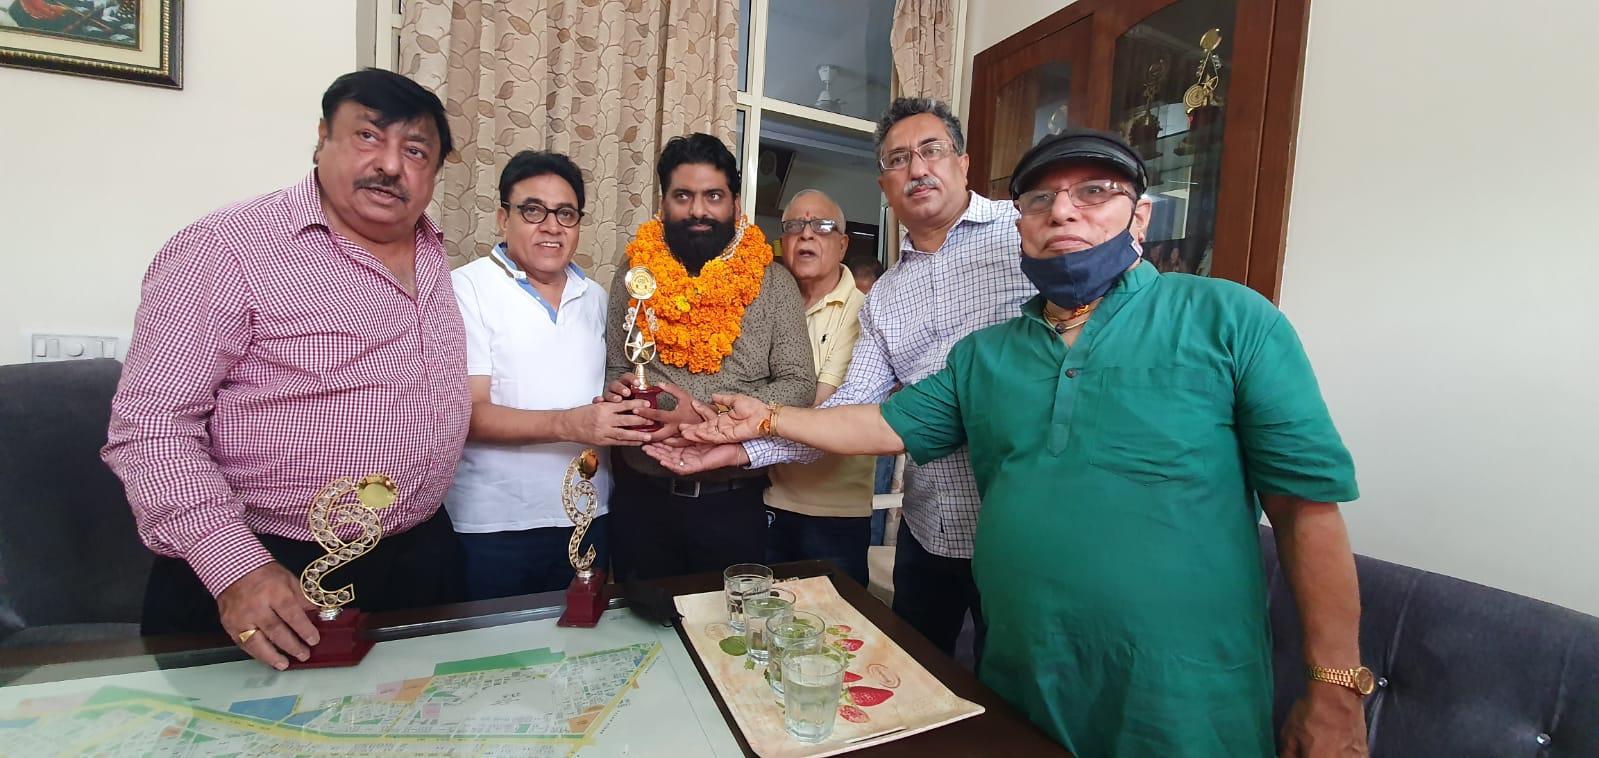 बोधराज सीकरी की अगुवाई में ऑल पंजाबी वेल्फ़ेर असोसीएशन गुरुग्राम ने किया अद्भुत व्यक्तितत्व अरूण चुघ रूदरपुर का अभिनंदन